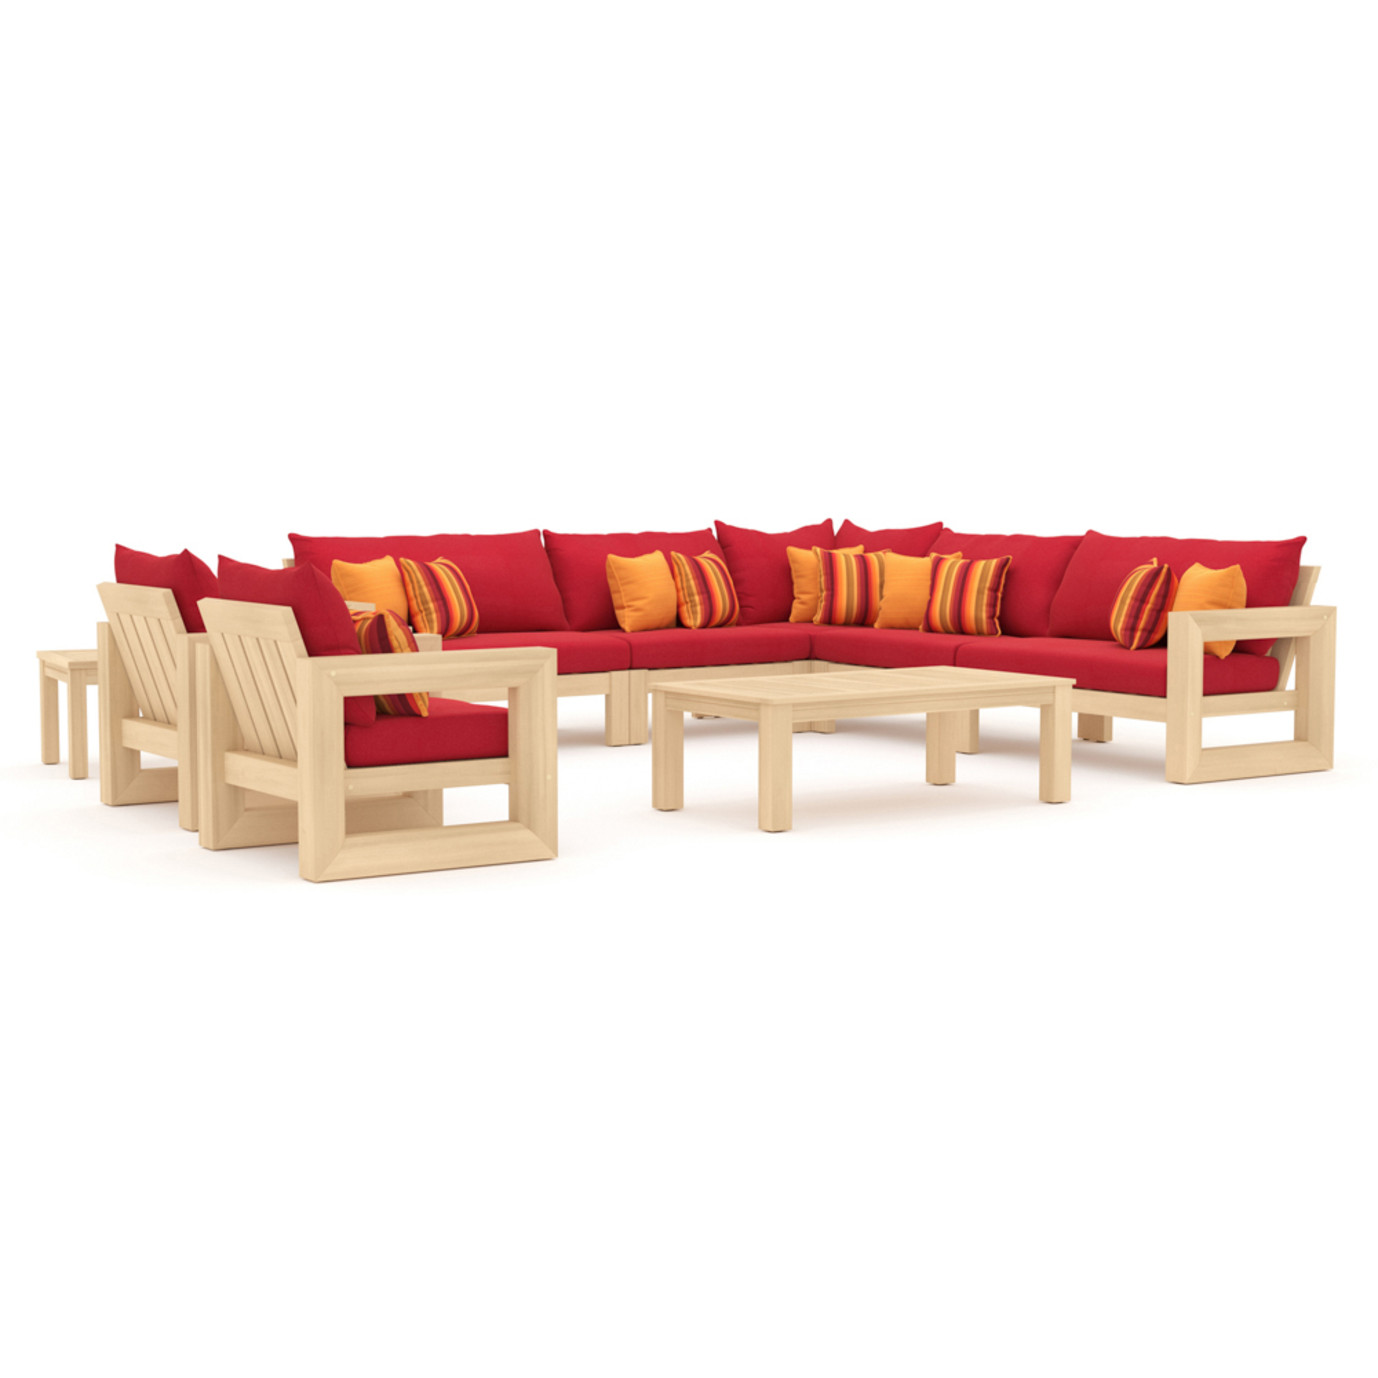 Benson 9pc Seating Set - Sunset Red